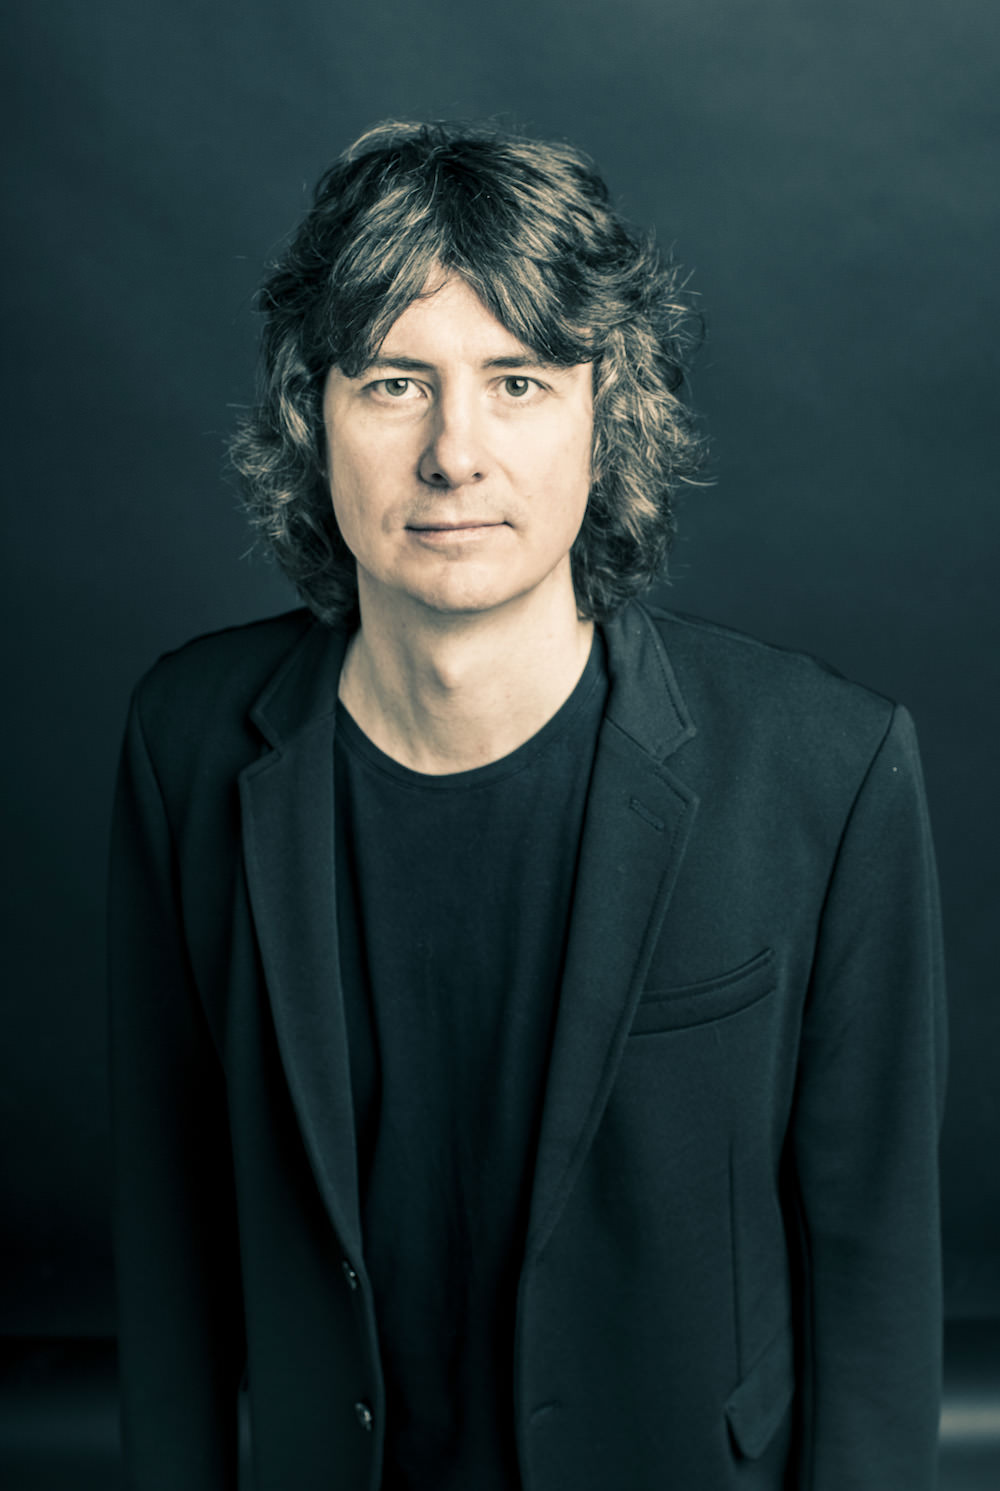 Antti TUOMAINEN